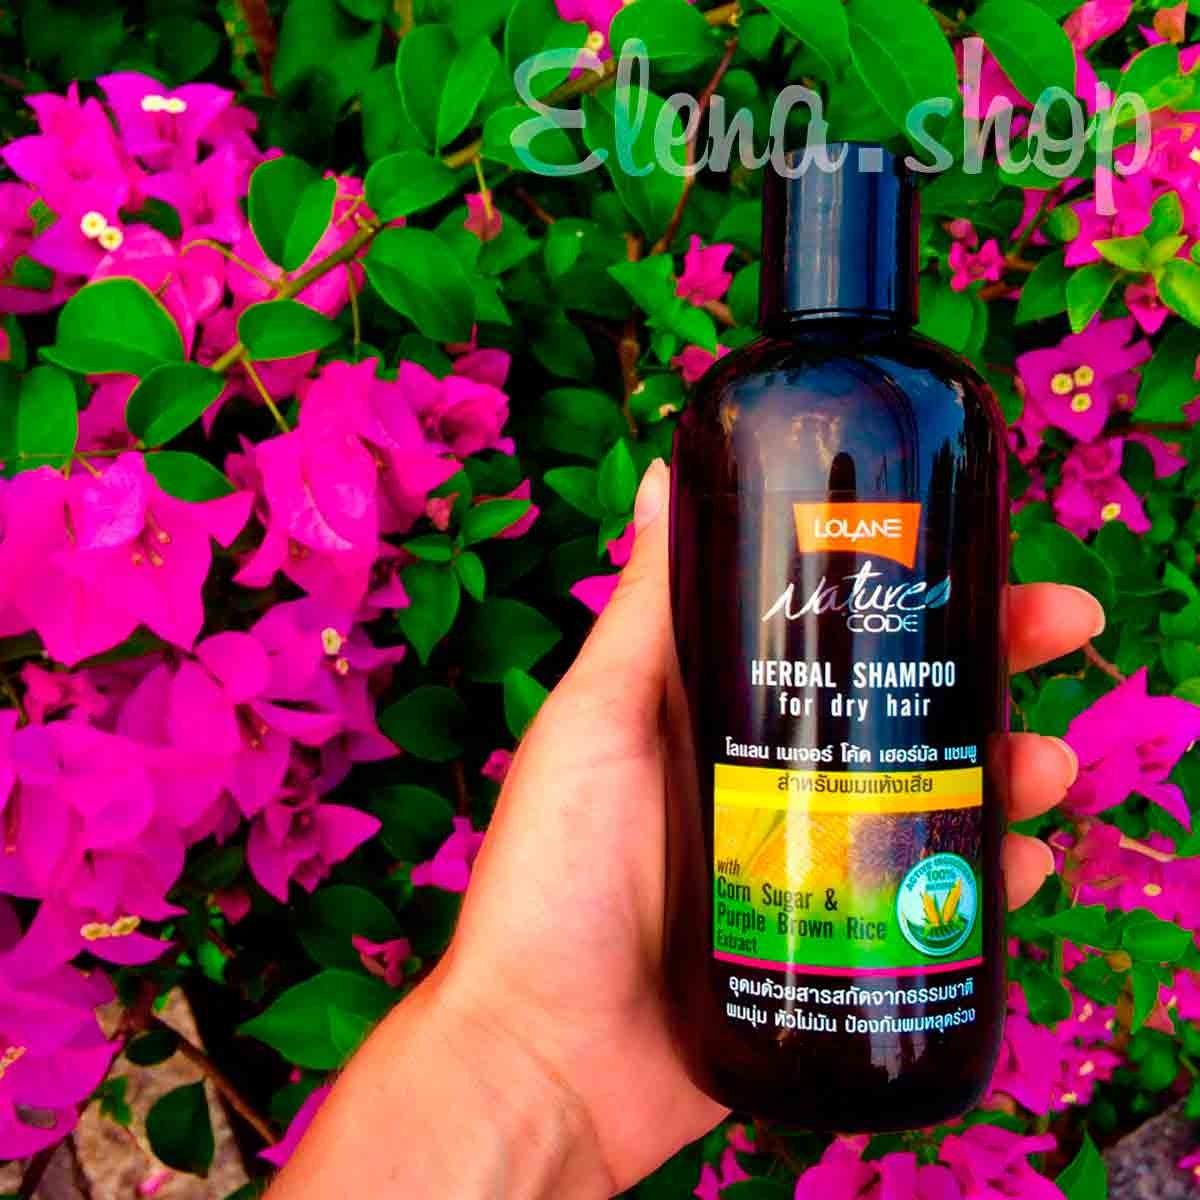 Травяной шампунь для сухих волос «Кукуруза и пурпурный рис» от Lolane Natura